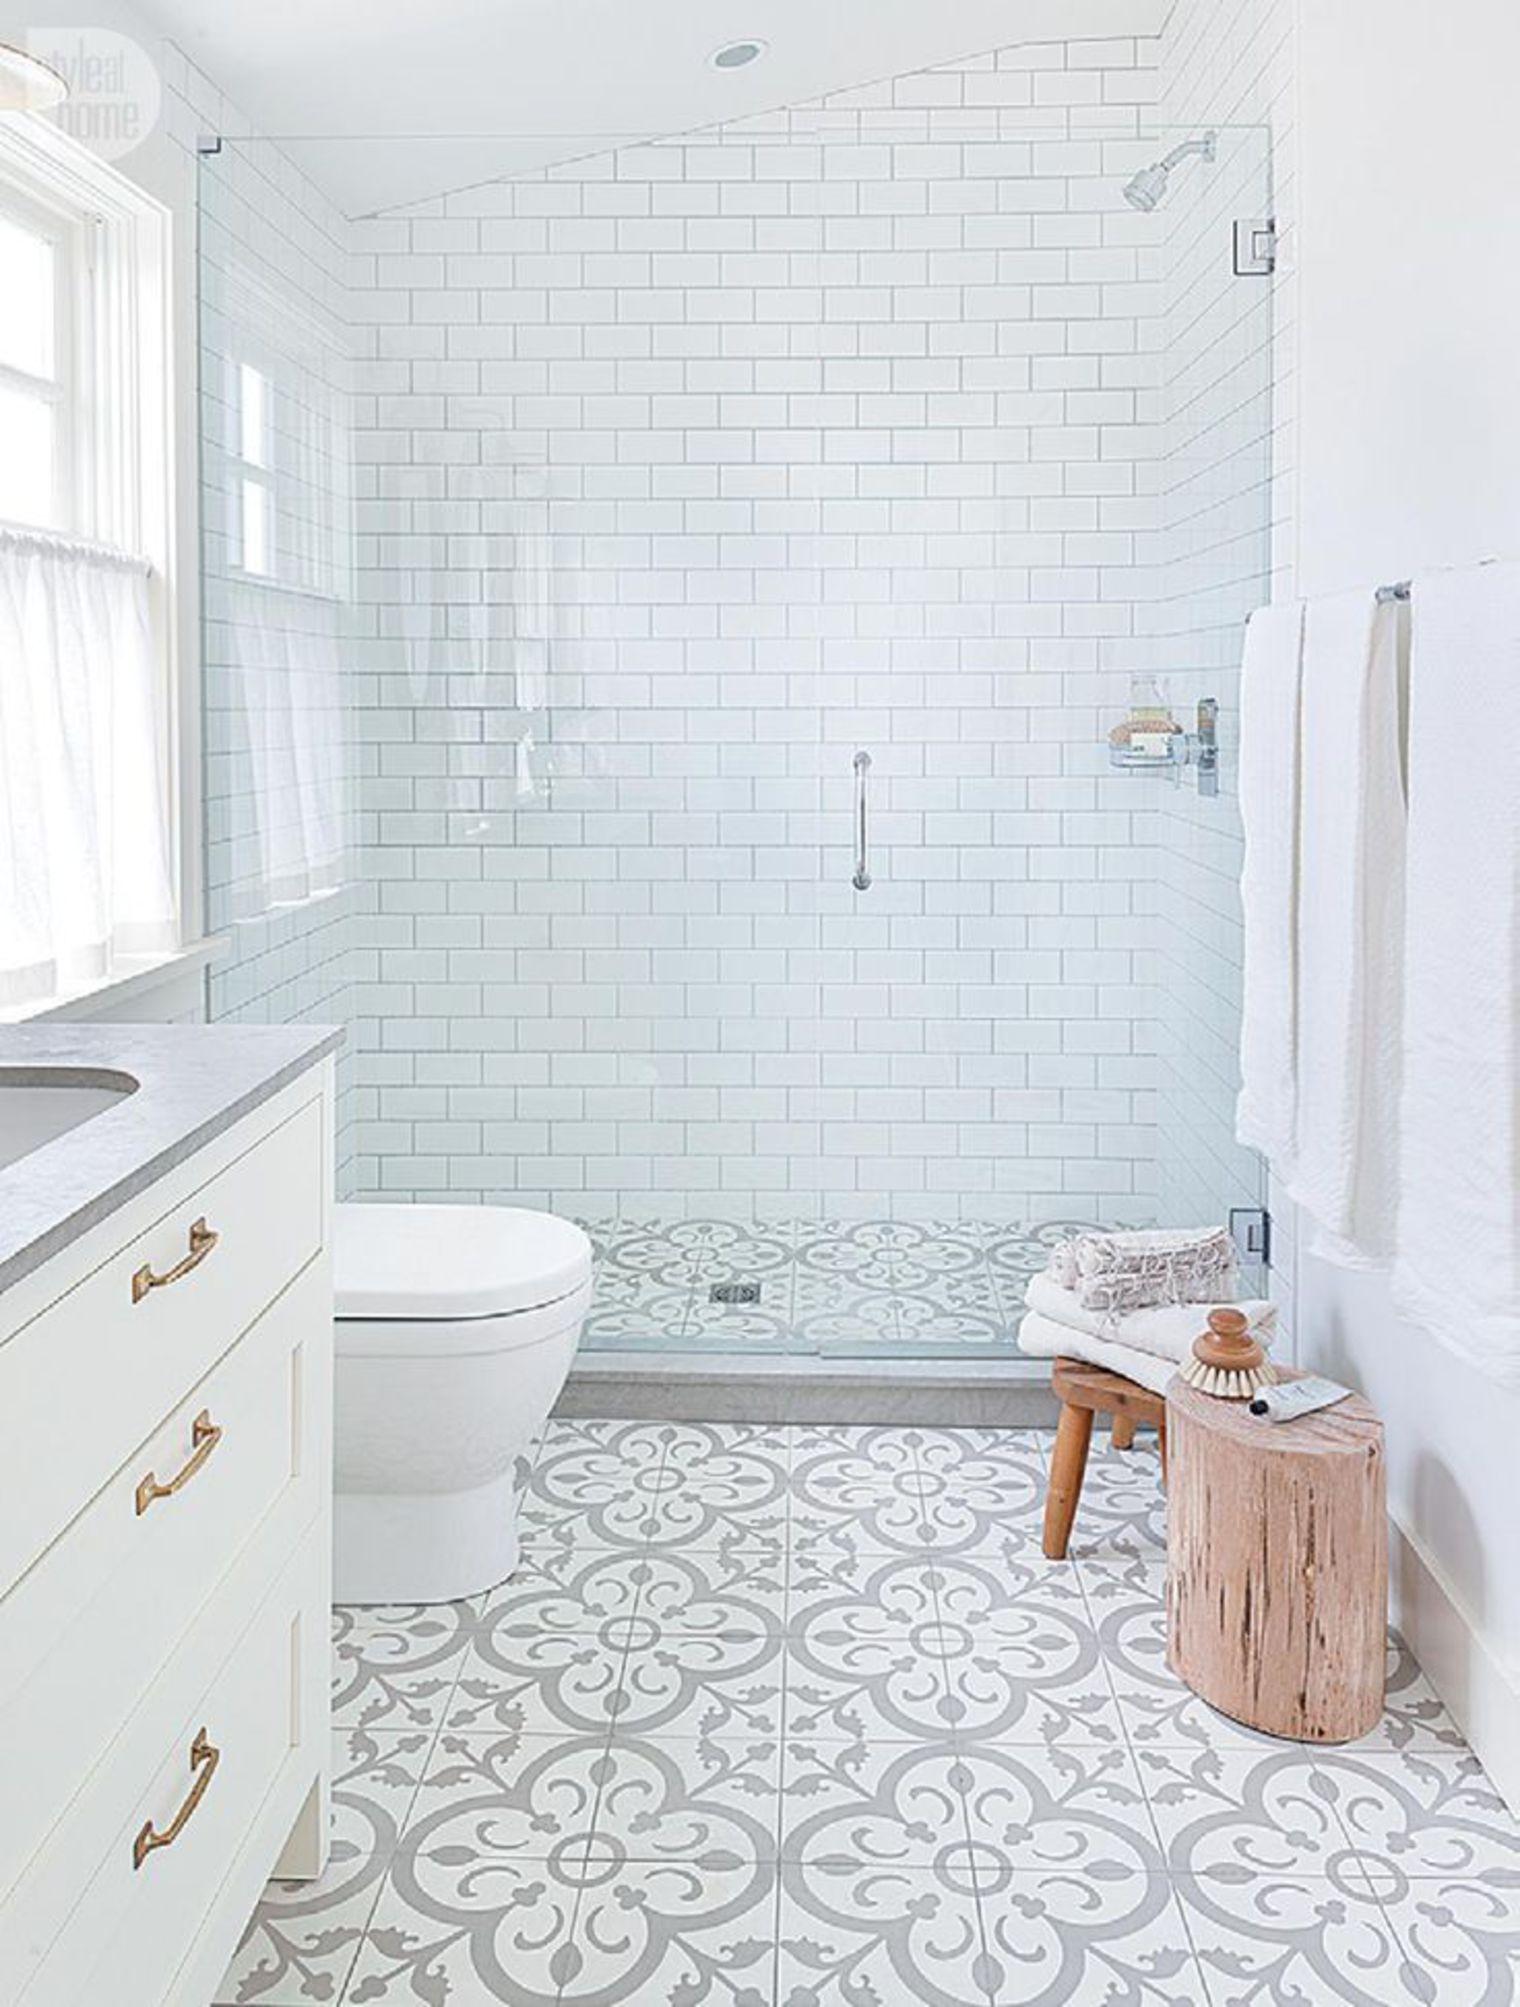 Salle de bain style boudoir   Salons